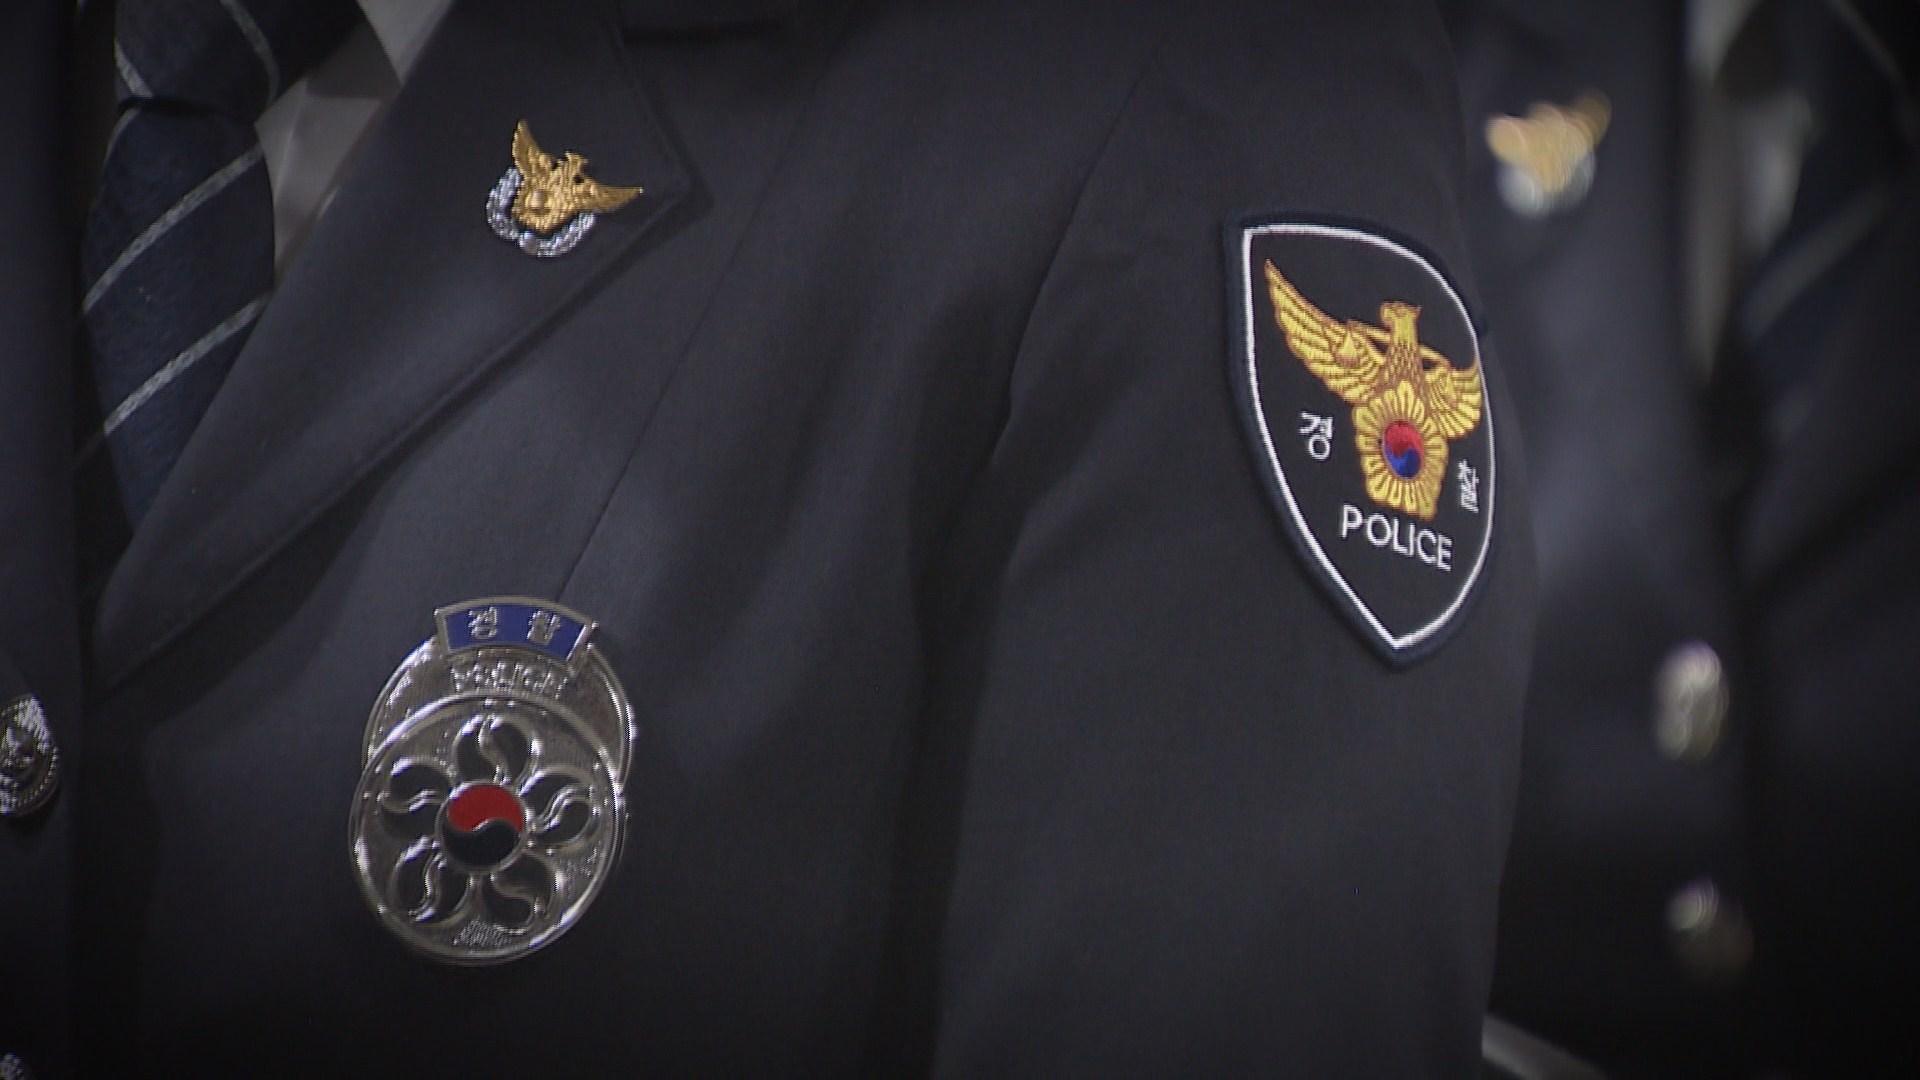 몰카에 동료 성폭행까지…초급경찰 범죄 논란